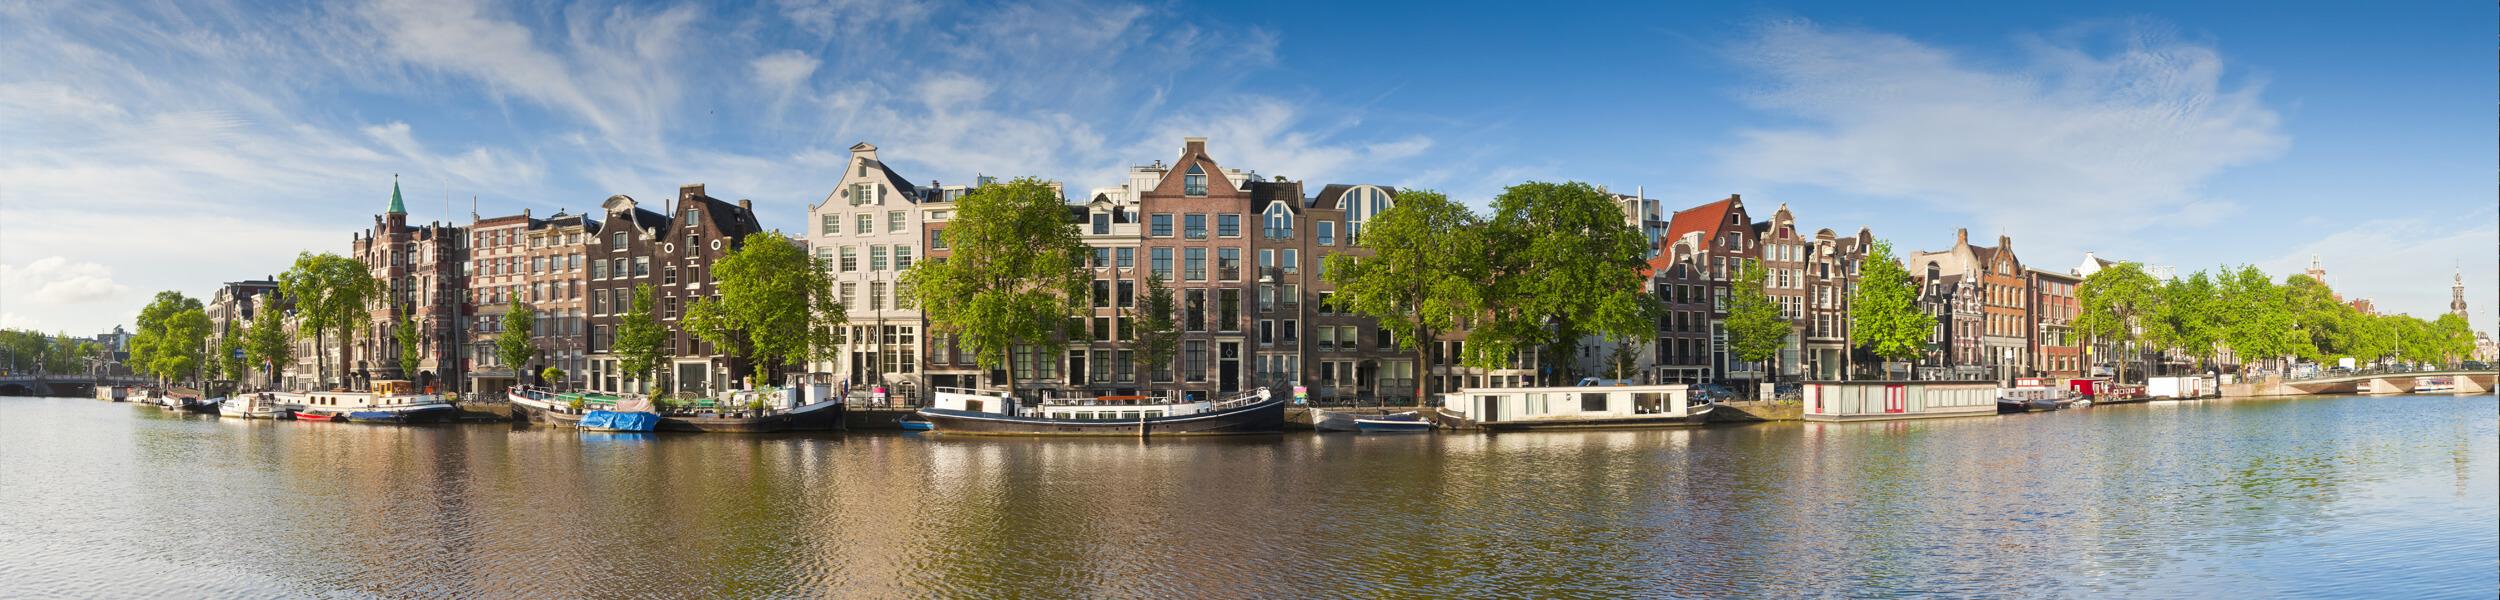 Senior UX Designer Amsterdam, The Netherlands